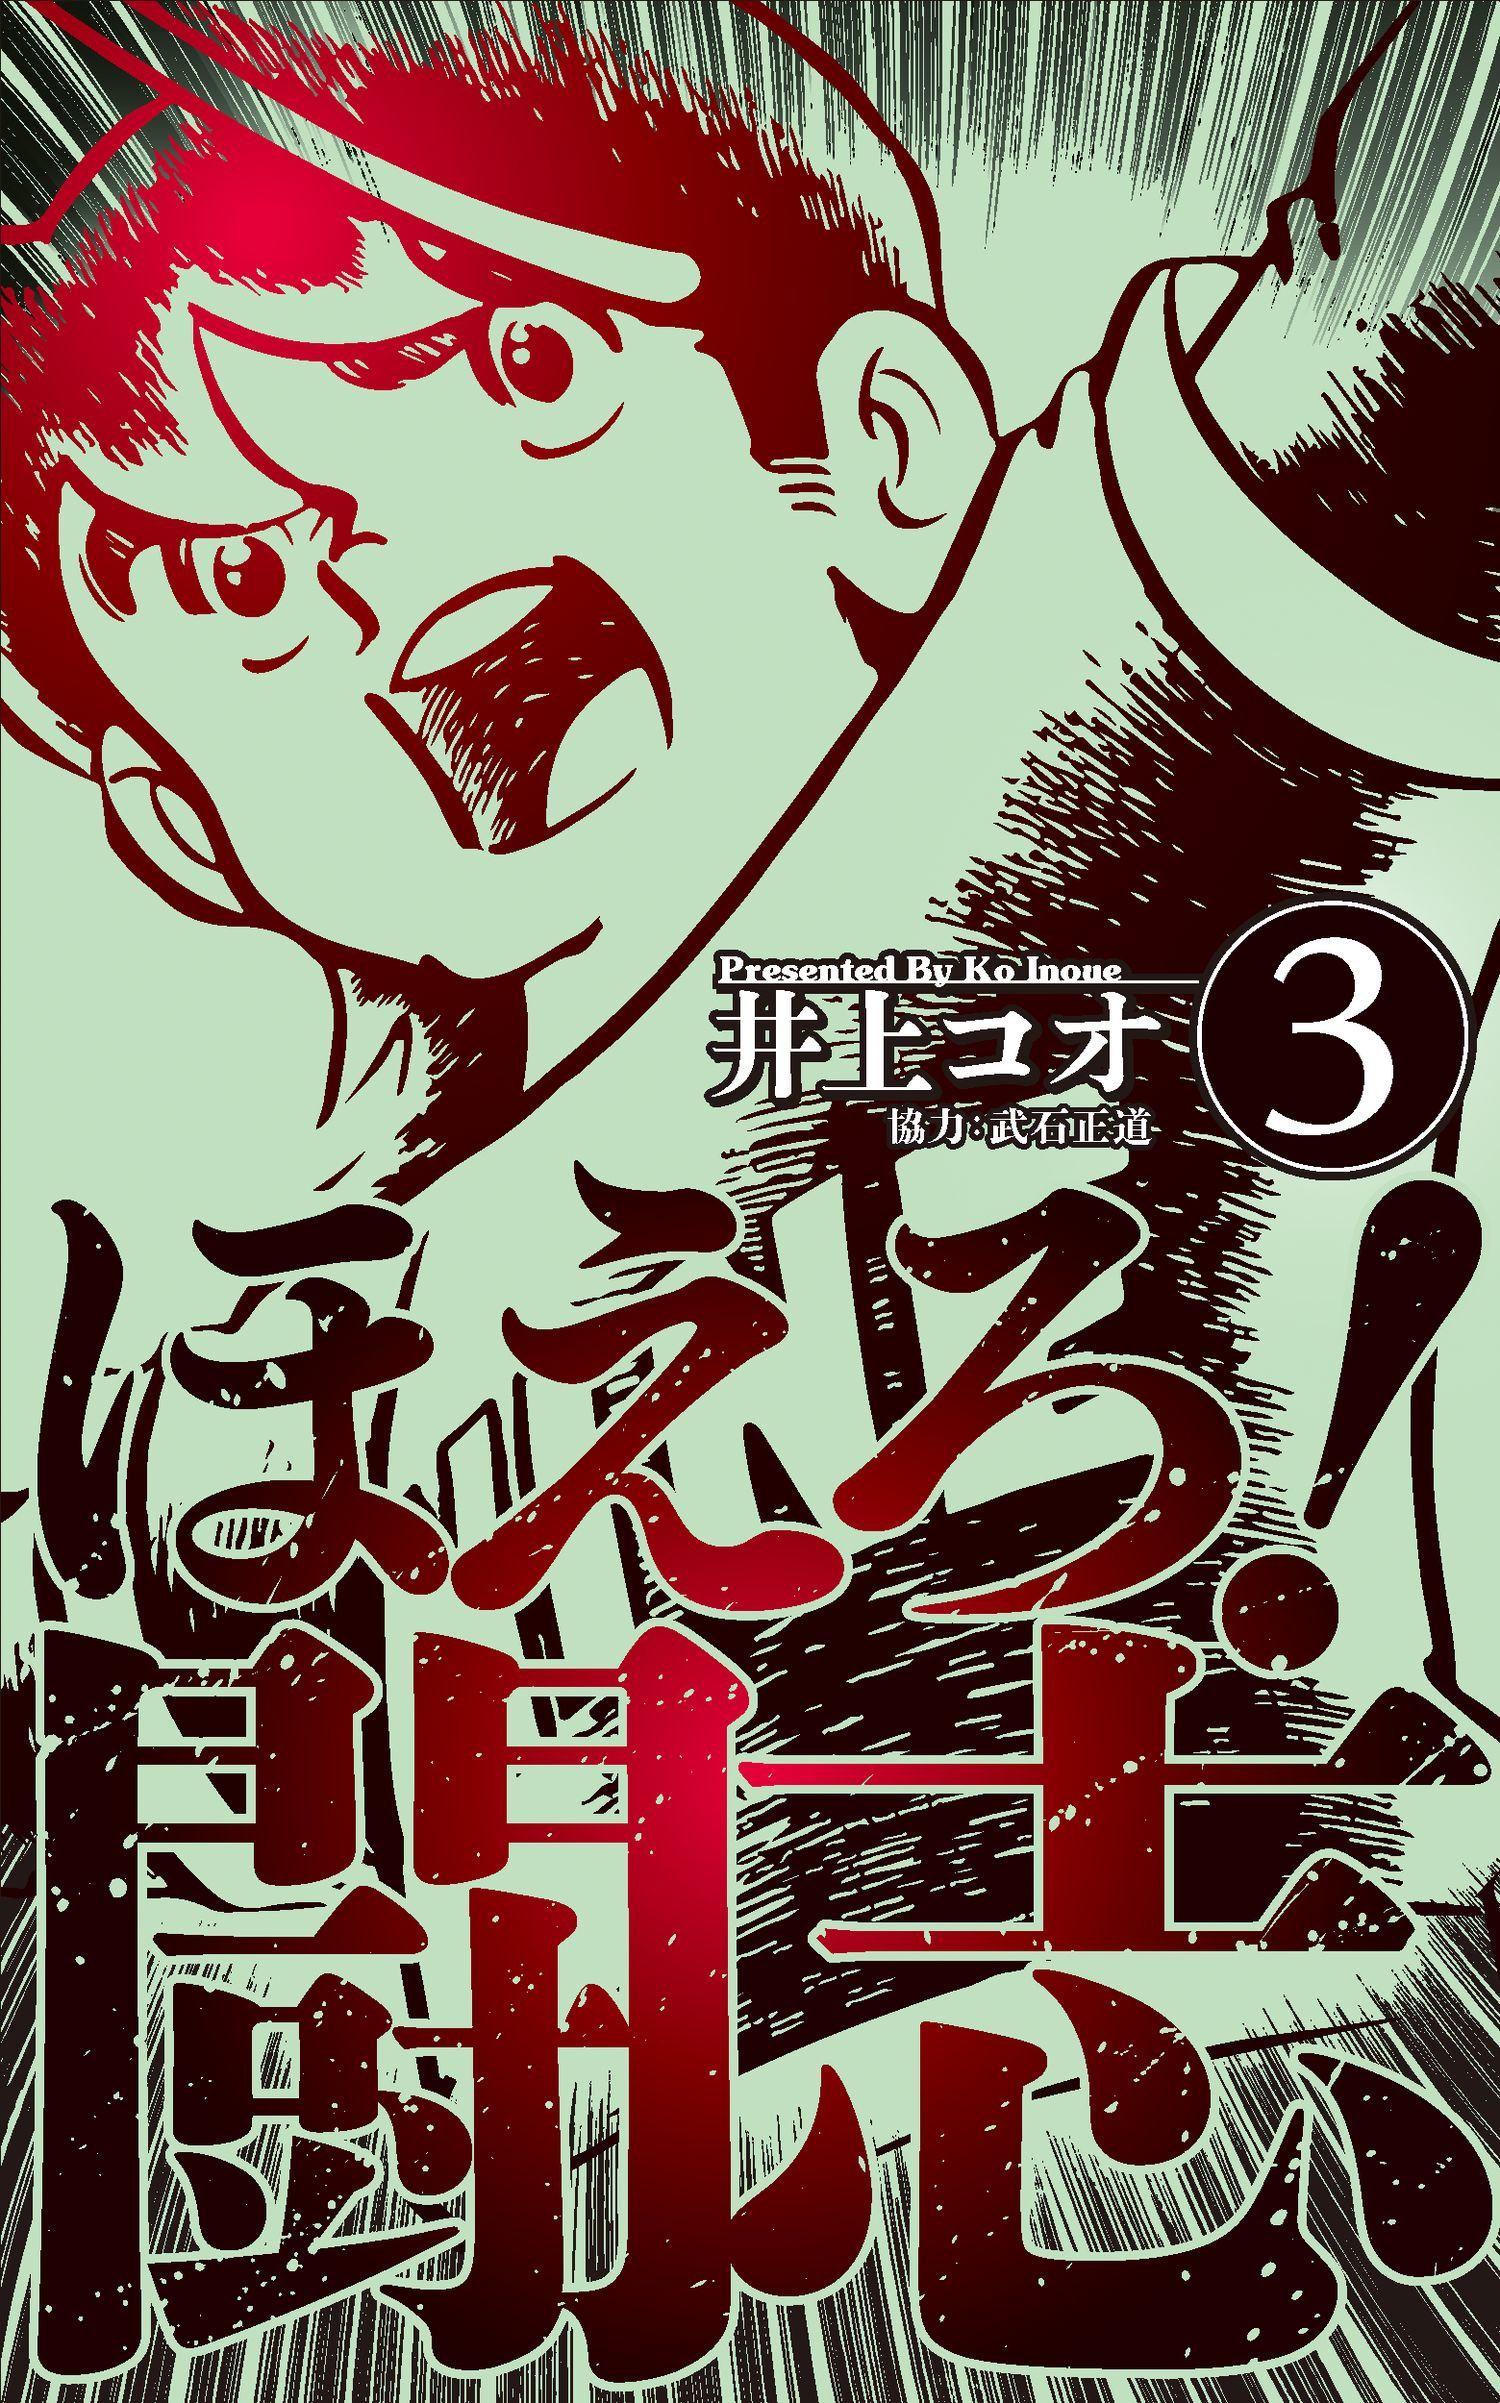 ほえろ!闘志(第3巻)